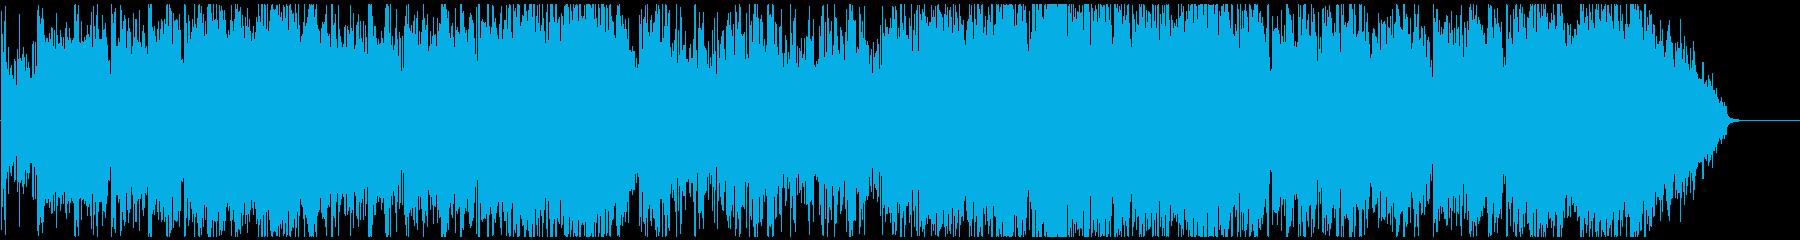 爽やか疾走感アコースティック Sax生録の再生済みの波形